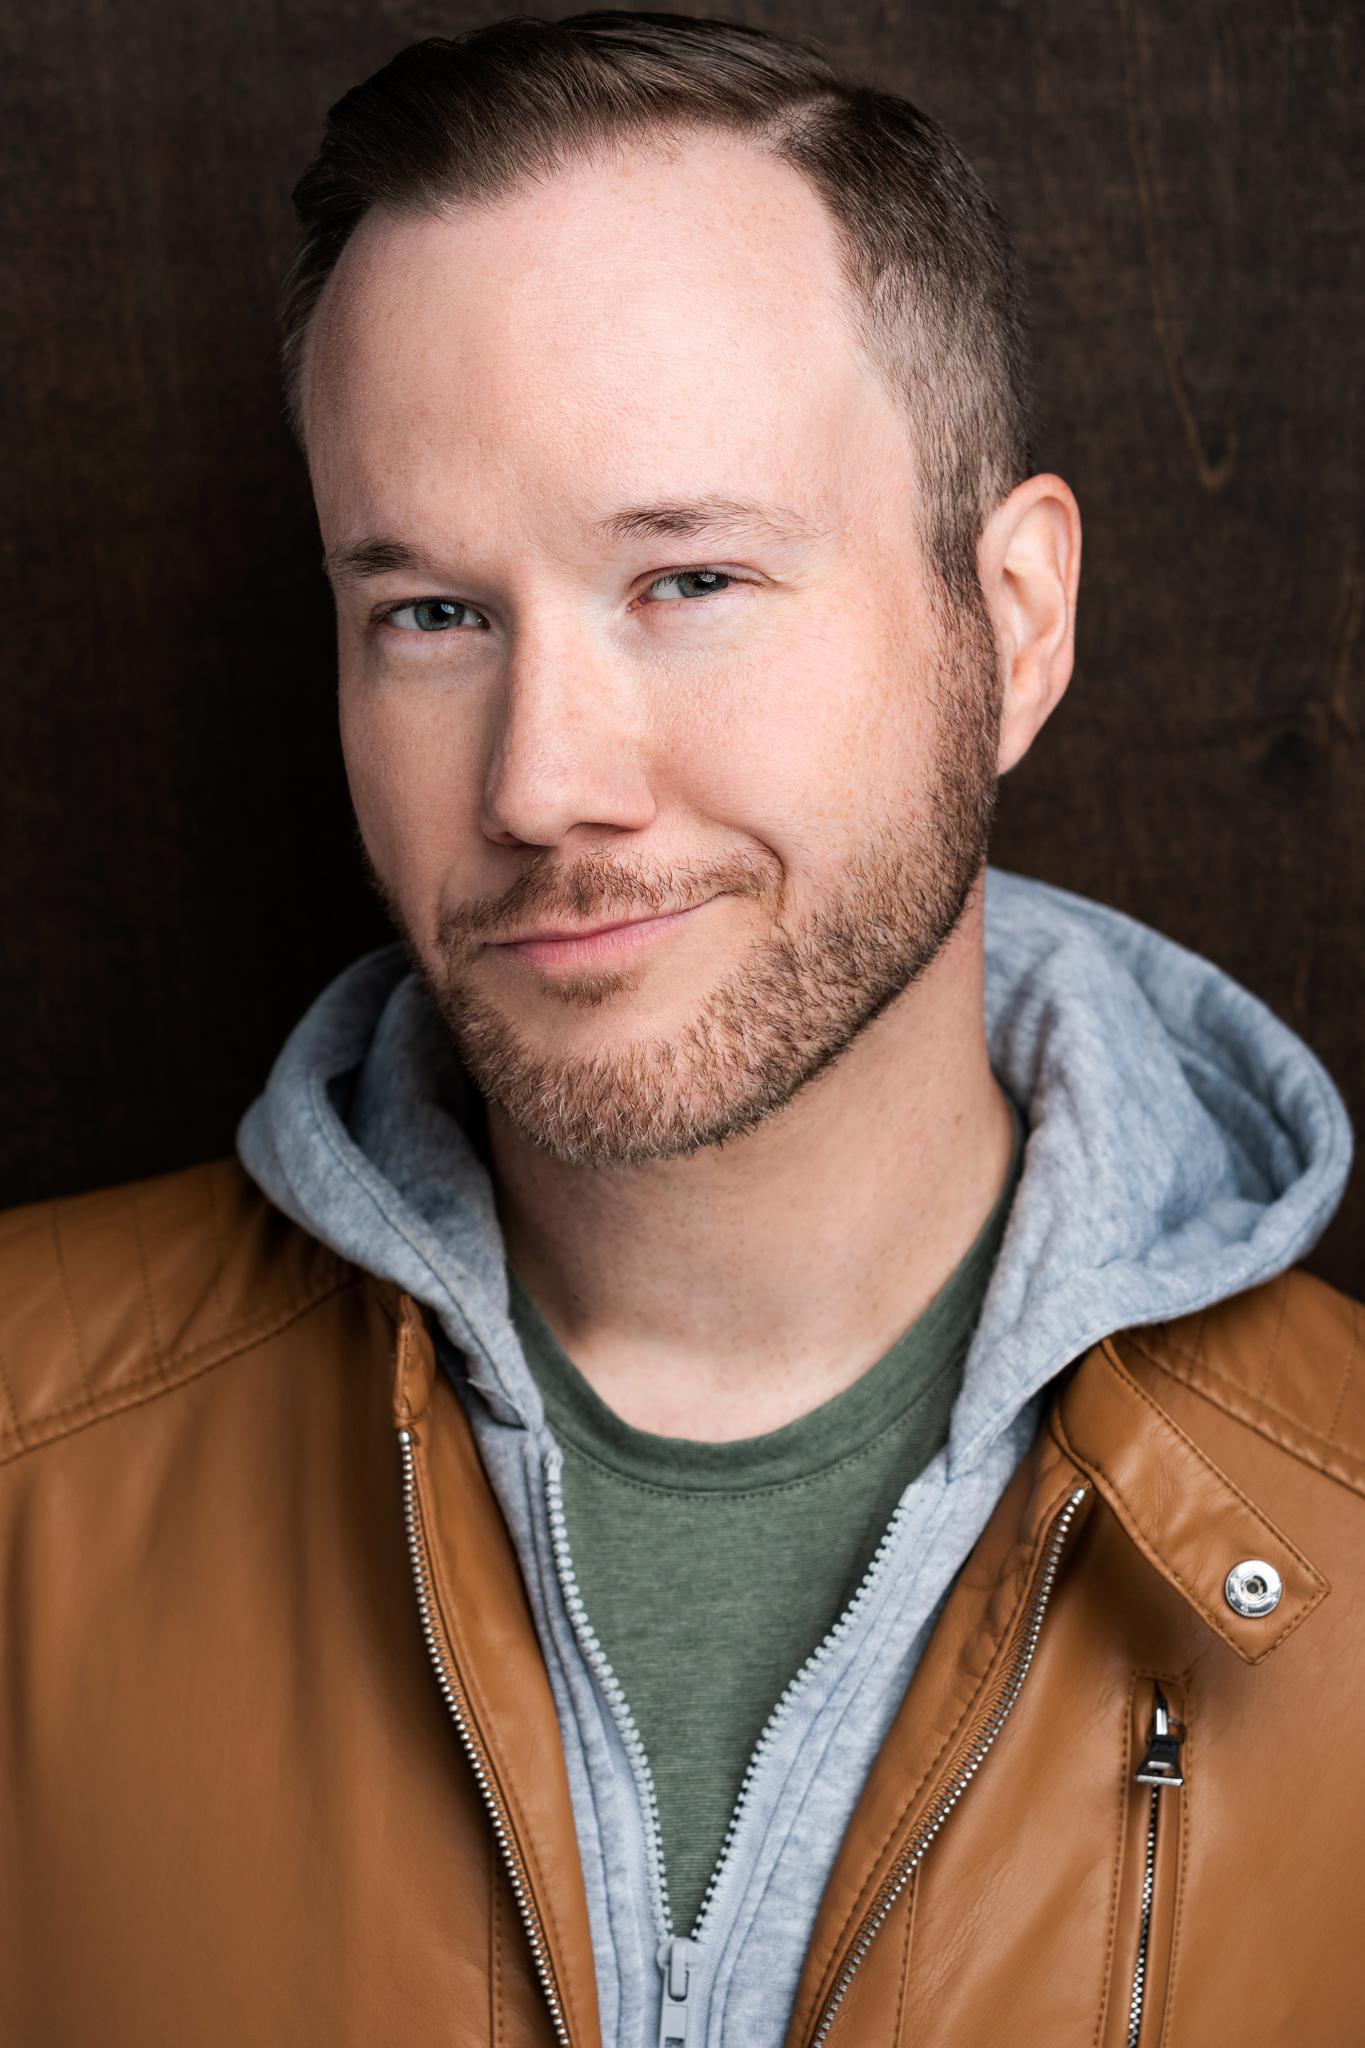 Josh Rhett Noble